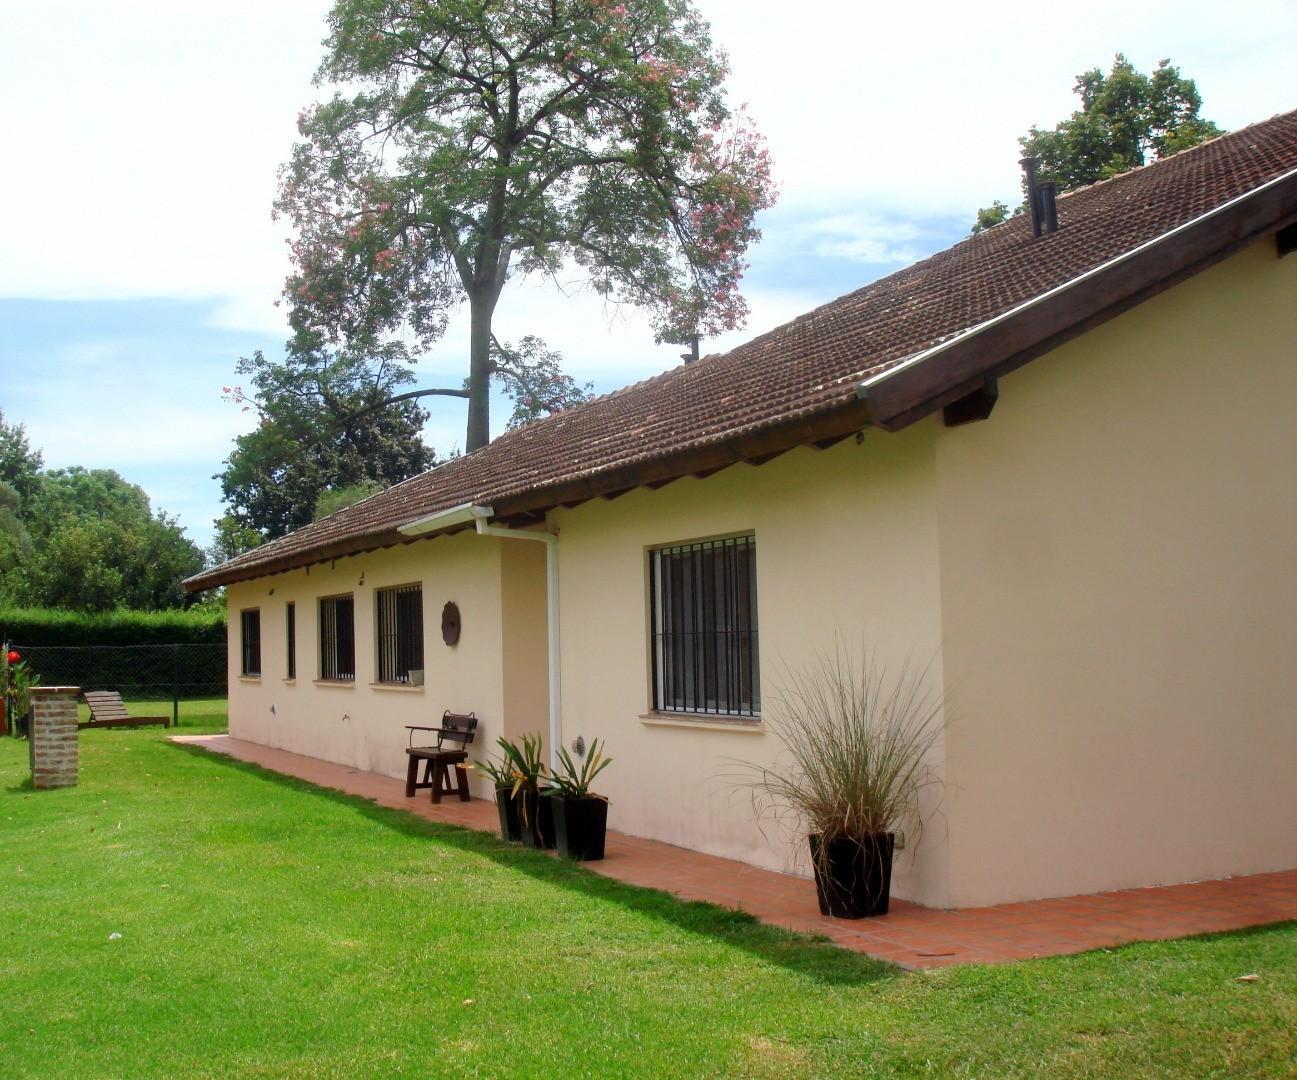 Casa en Venta en Countries y Barrios Cerrados Pilar - 4 ambientes